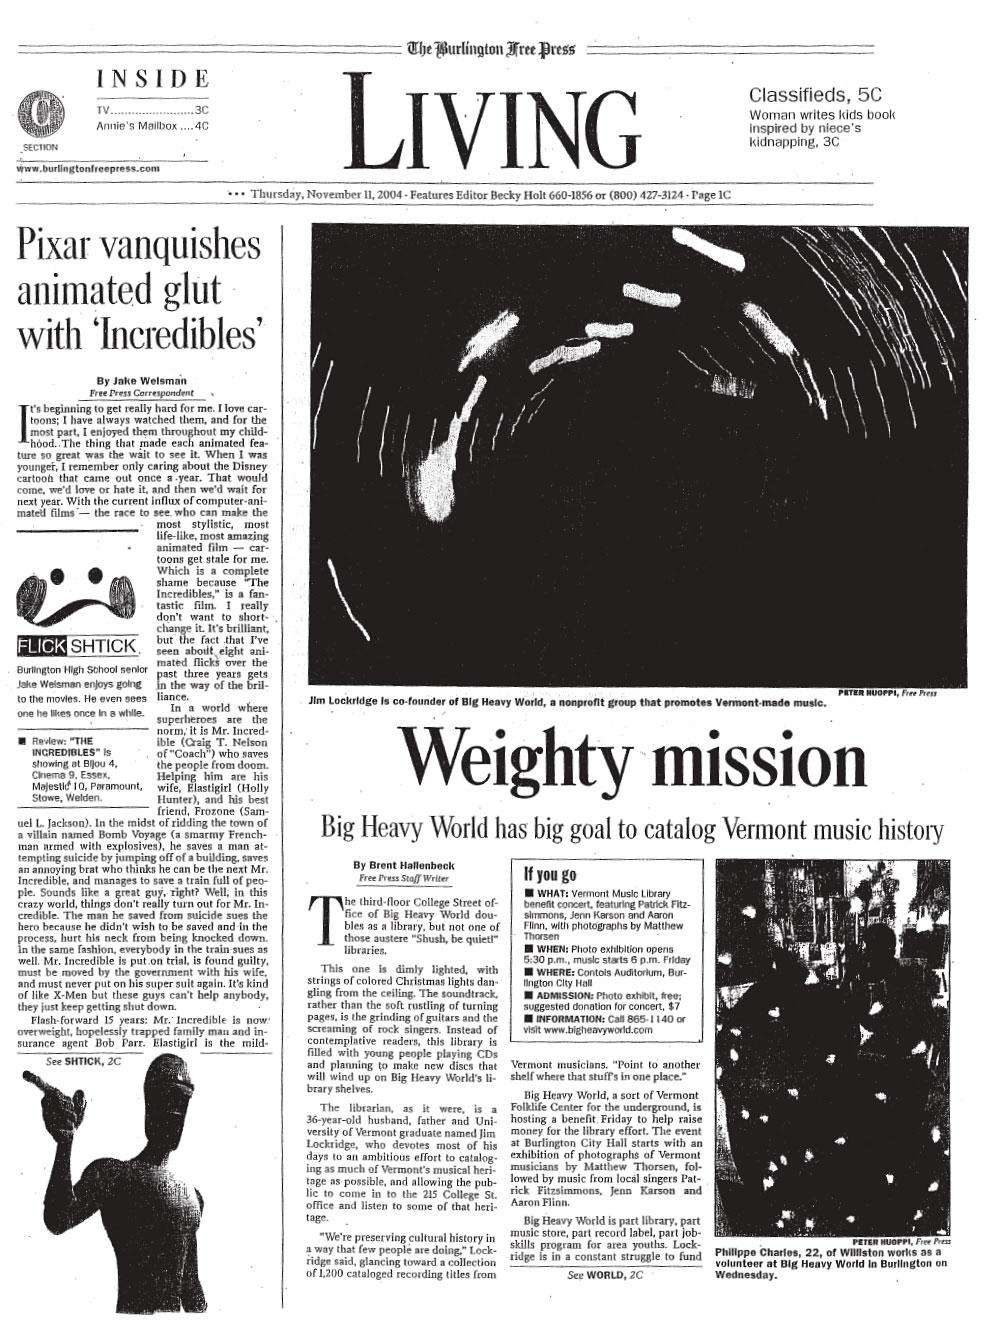 2004-11_WeightyMission-1.jpg